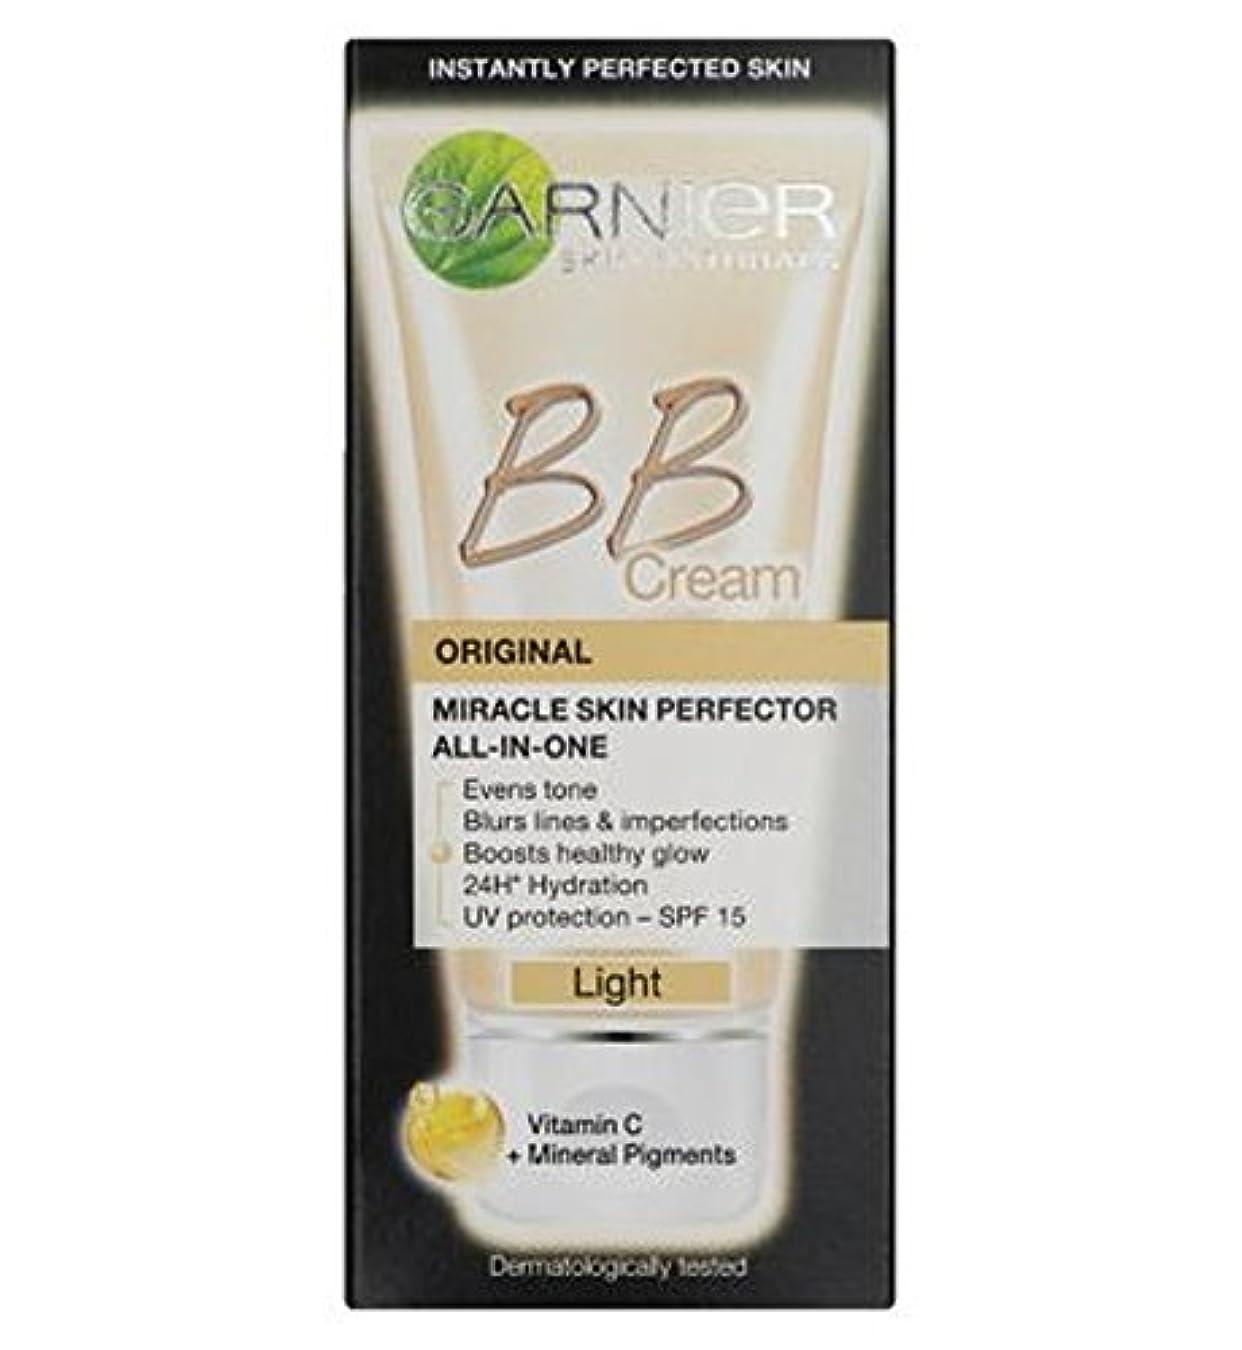 信号全国メイエラ毎日オールインワンB.B.ガルニエスキンパーフェク傷バームクリームライト50ミリリットル (Garnier) (x2) - Garnier Skin Perfector Daily All-In-One B.B. Blemish...